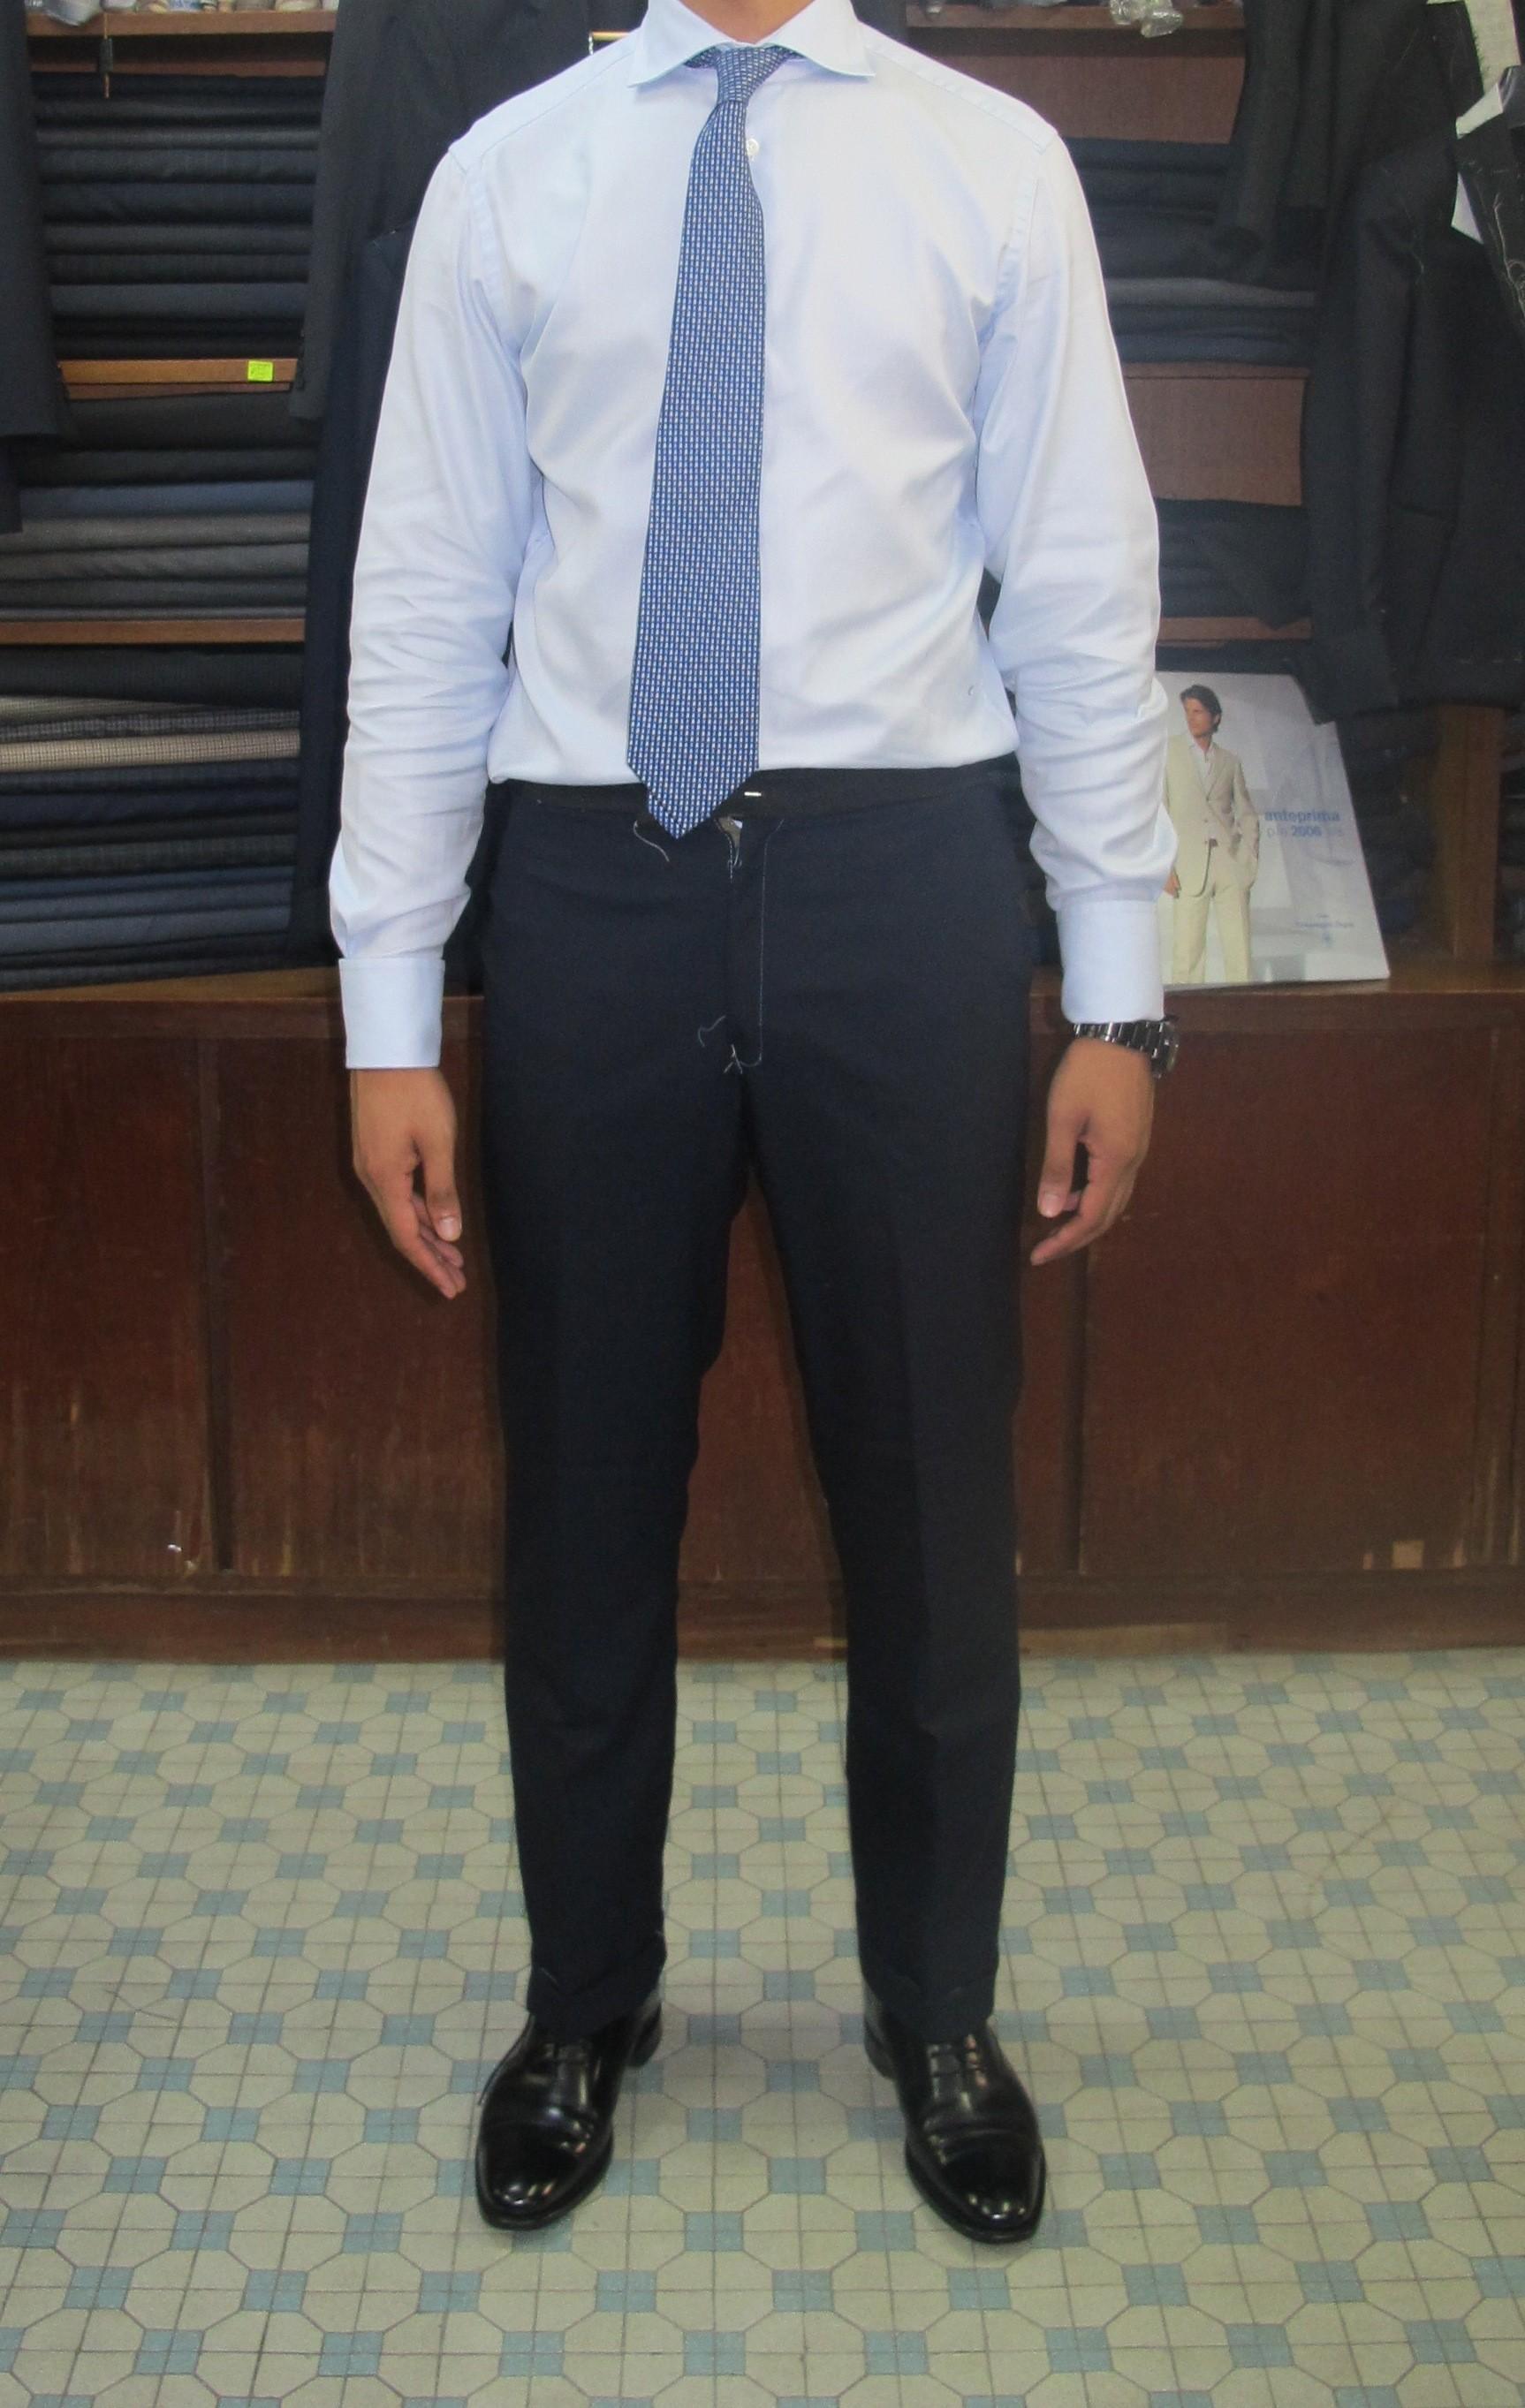 Front (pants)